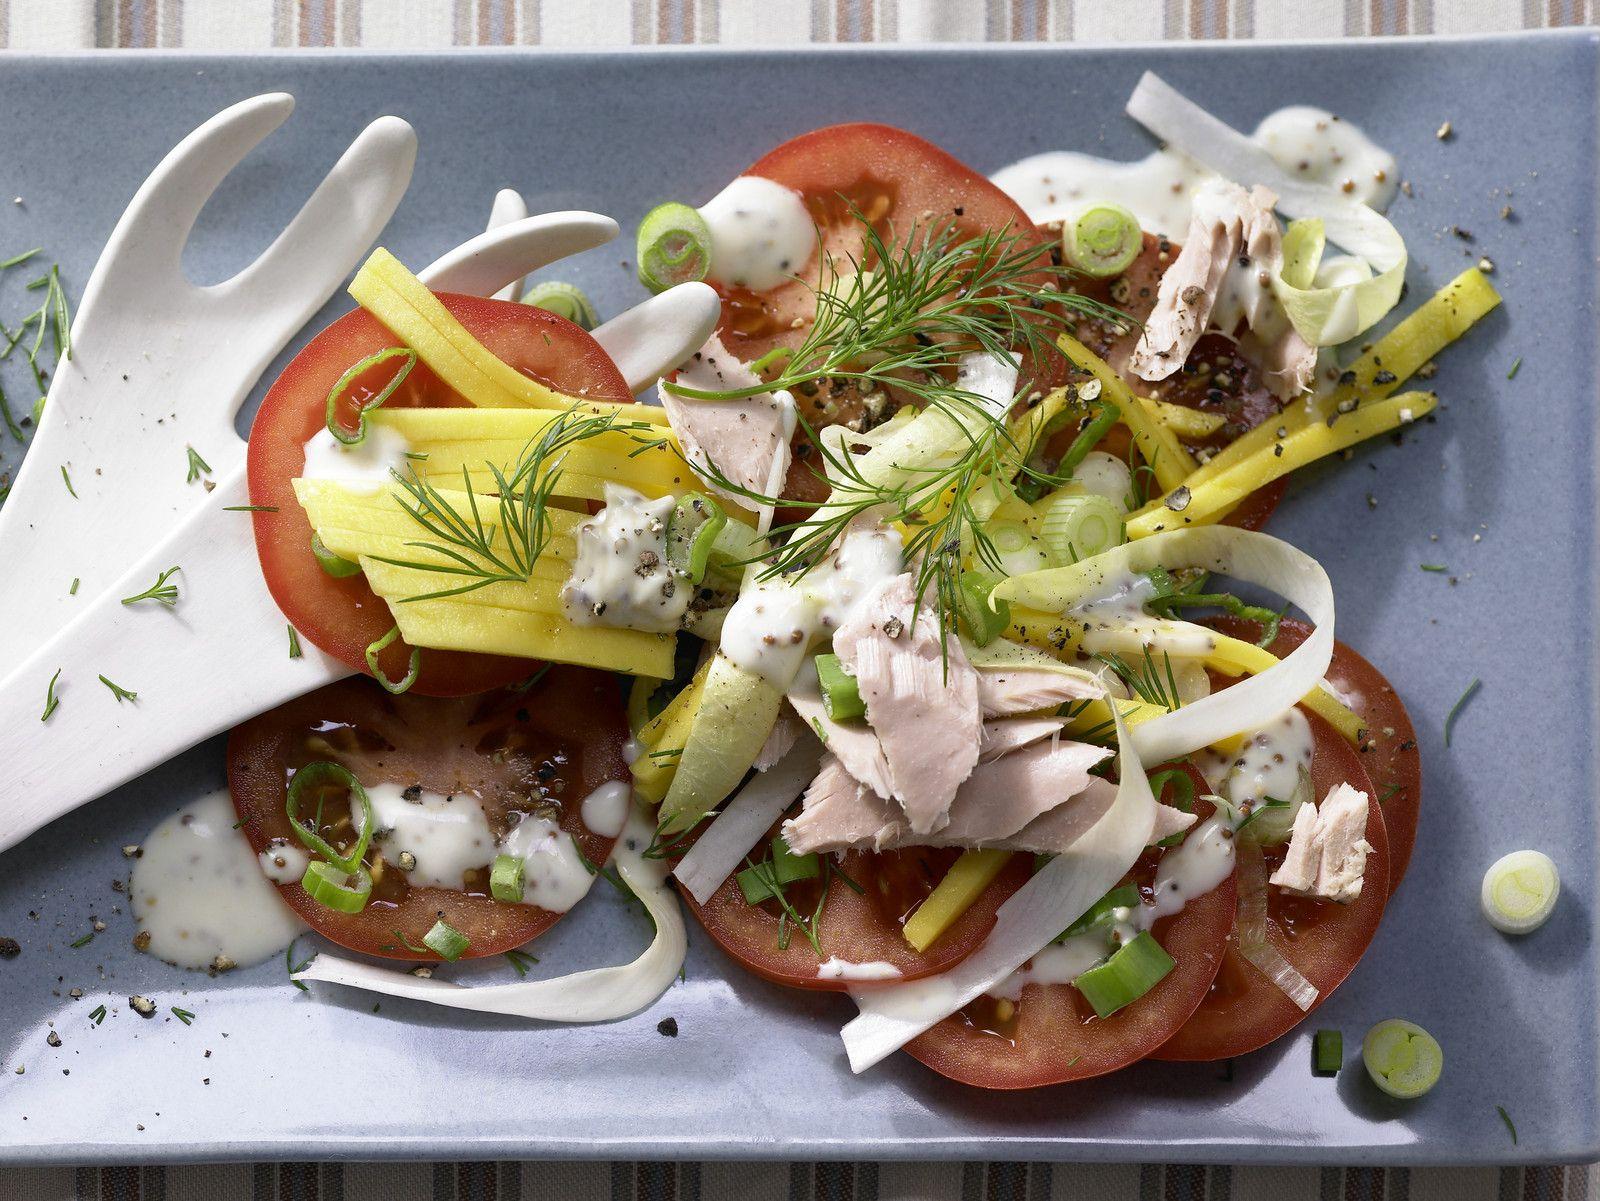 Thunfisch salat pizzeria kalorien